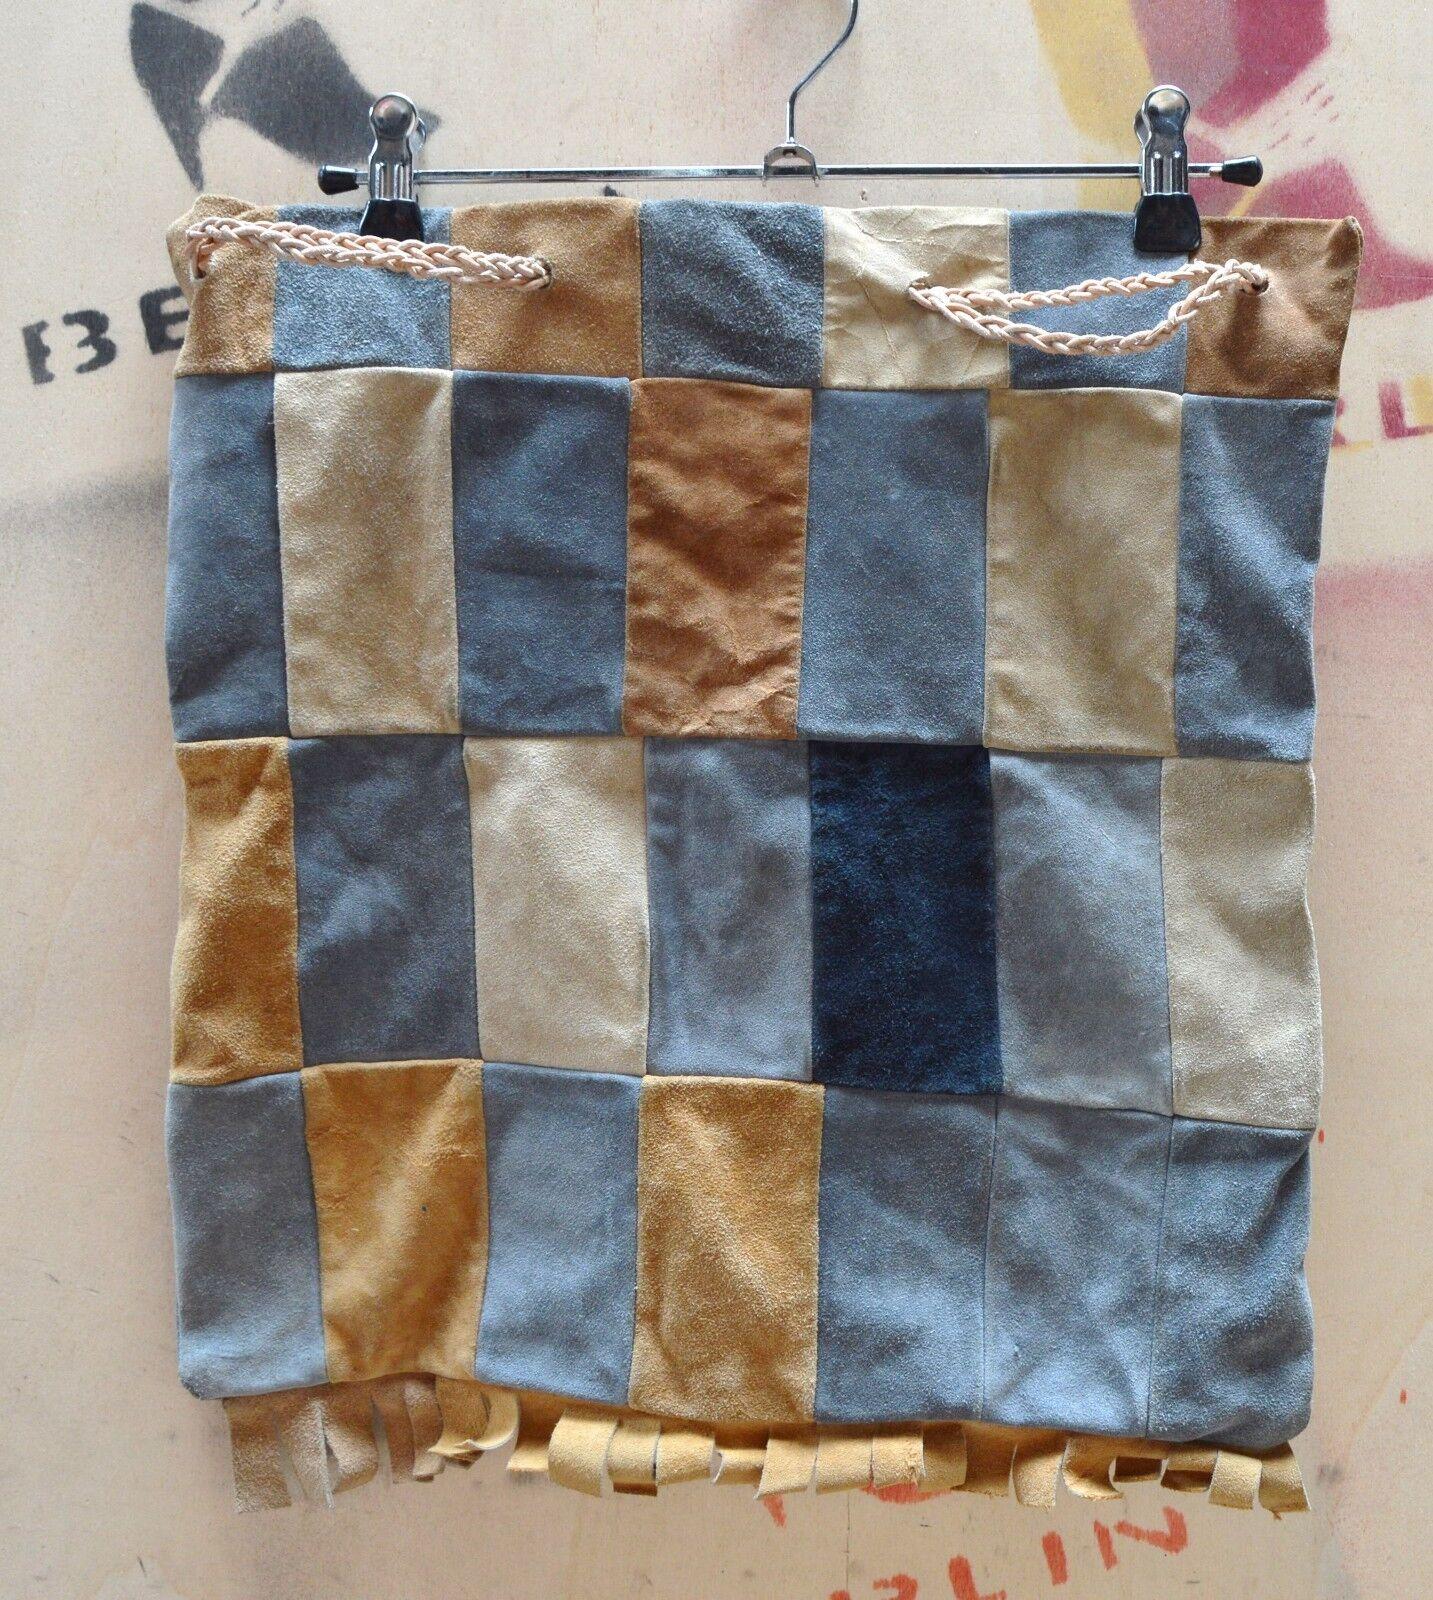 GüNstig Einkaufen Leder Grabbel Bag Tasche True Vintage Karos Handmade Cuir Sac Peatchwork Shopper Taschen & Leder